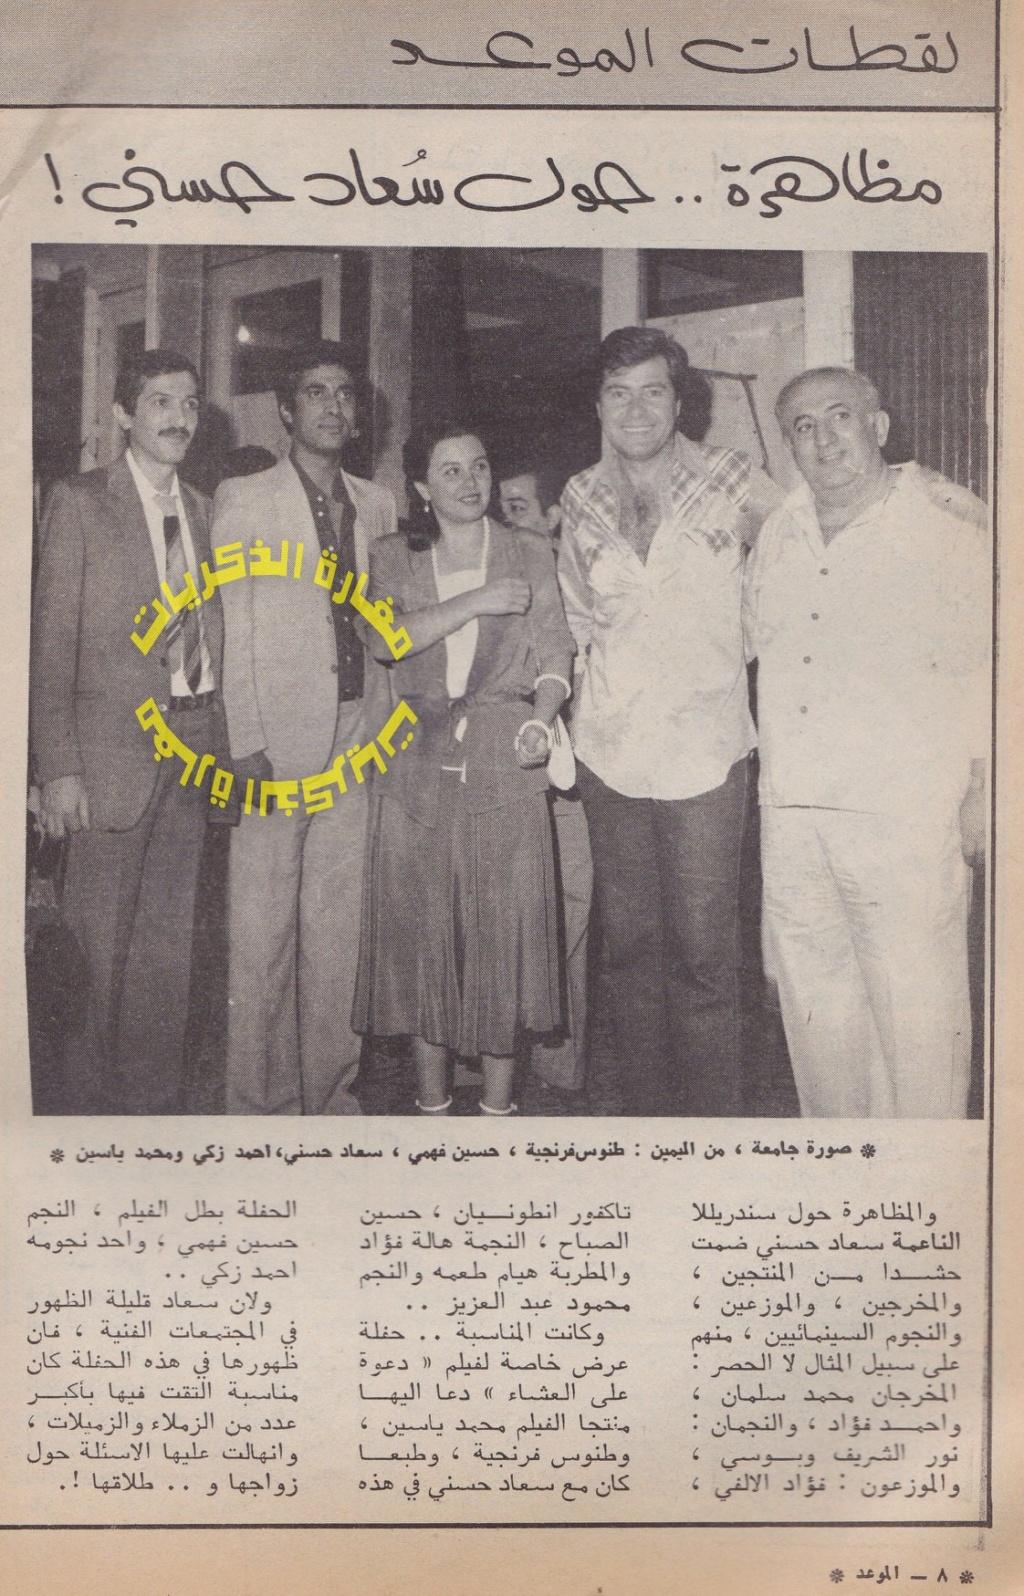 صحفي - خبر صحفي : مظاهرة .. حول سعاد حسني ! 1981 م 130